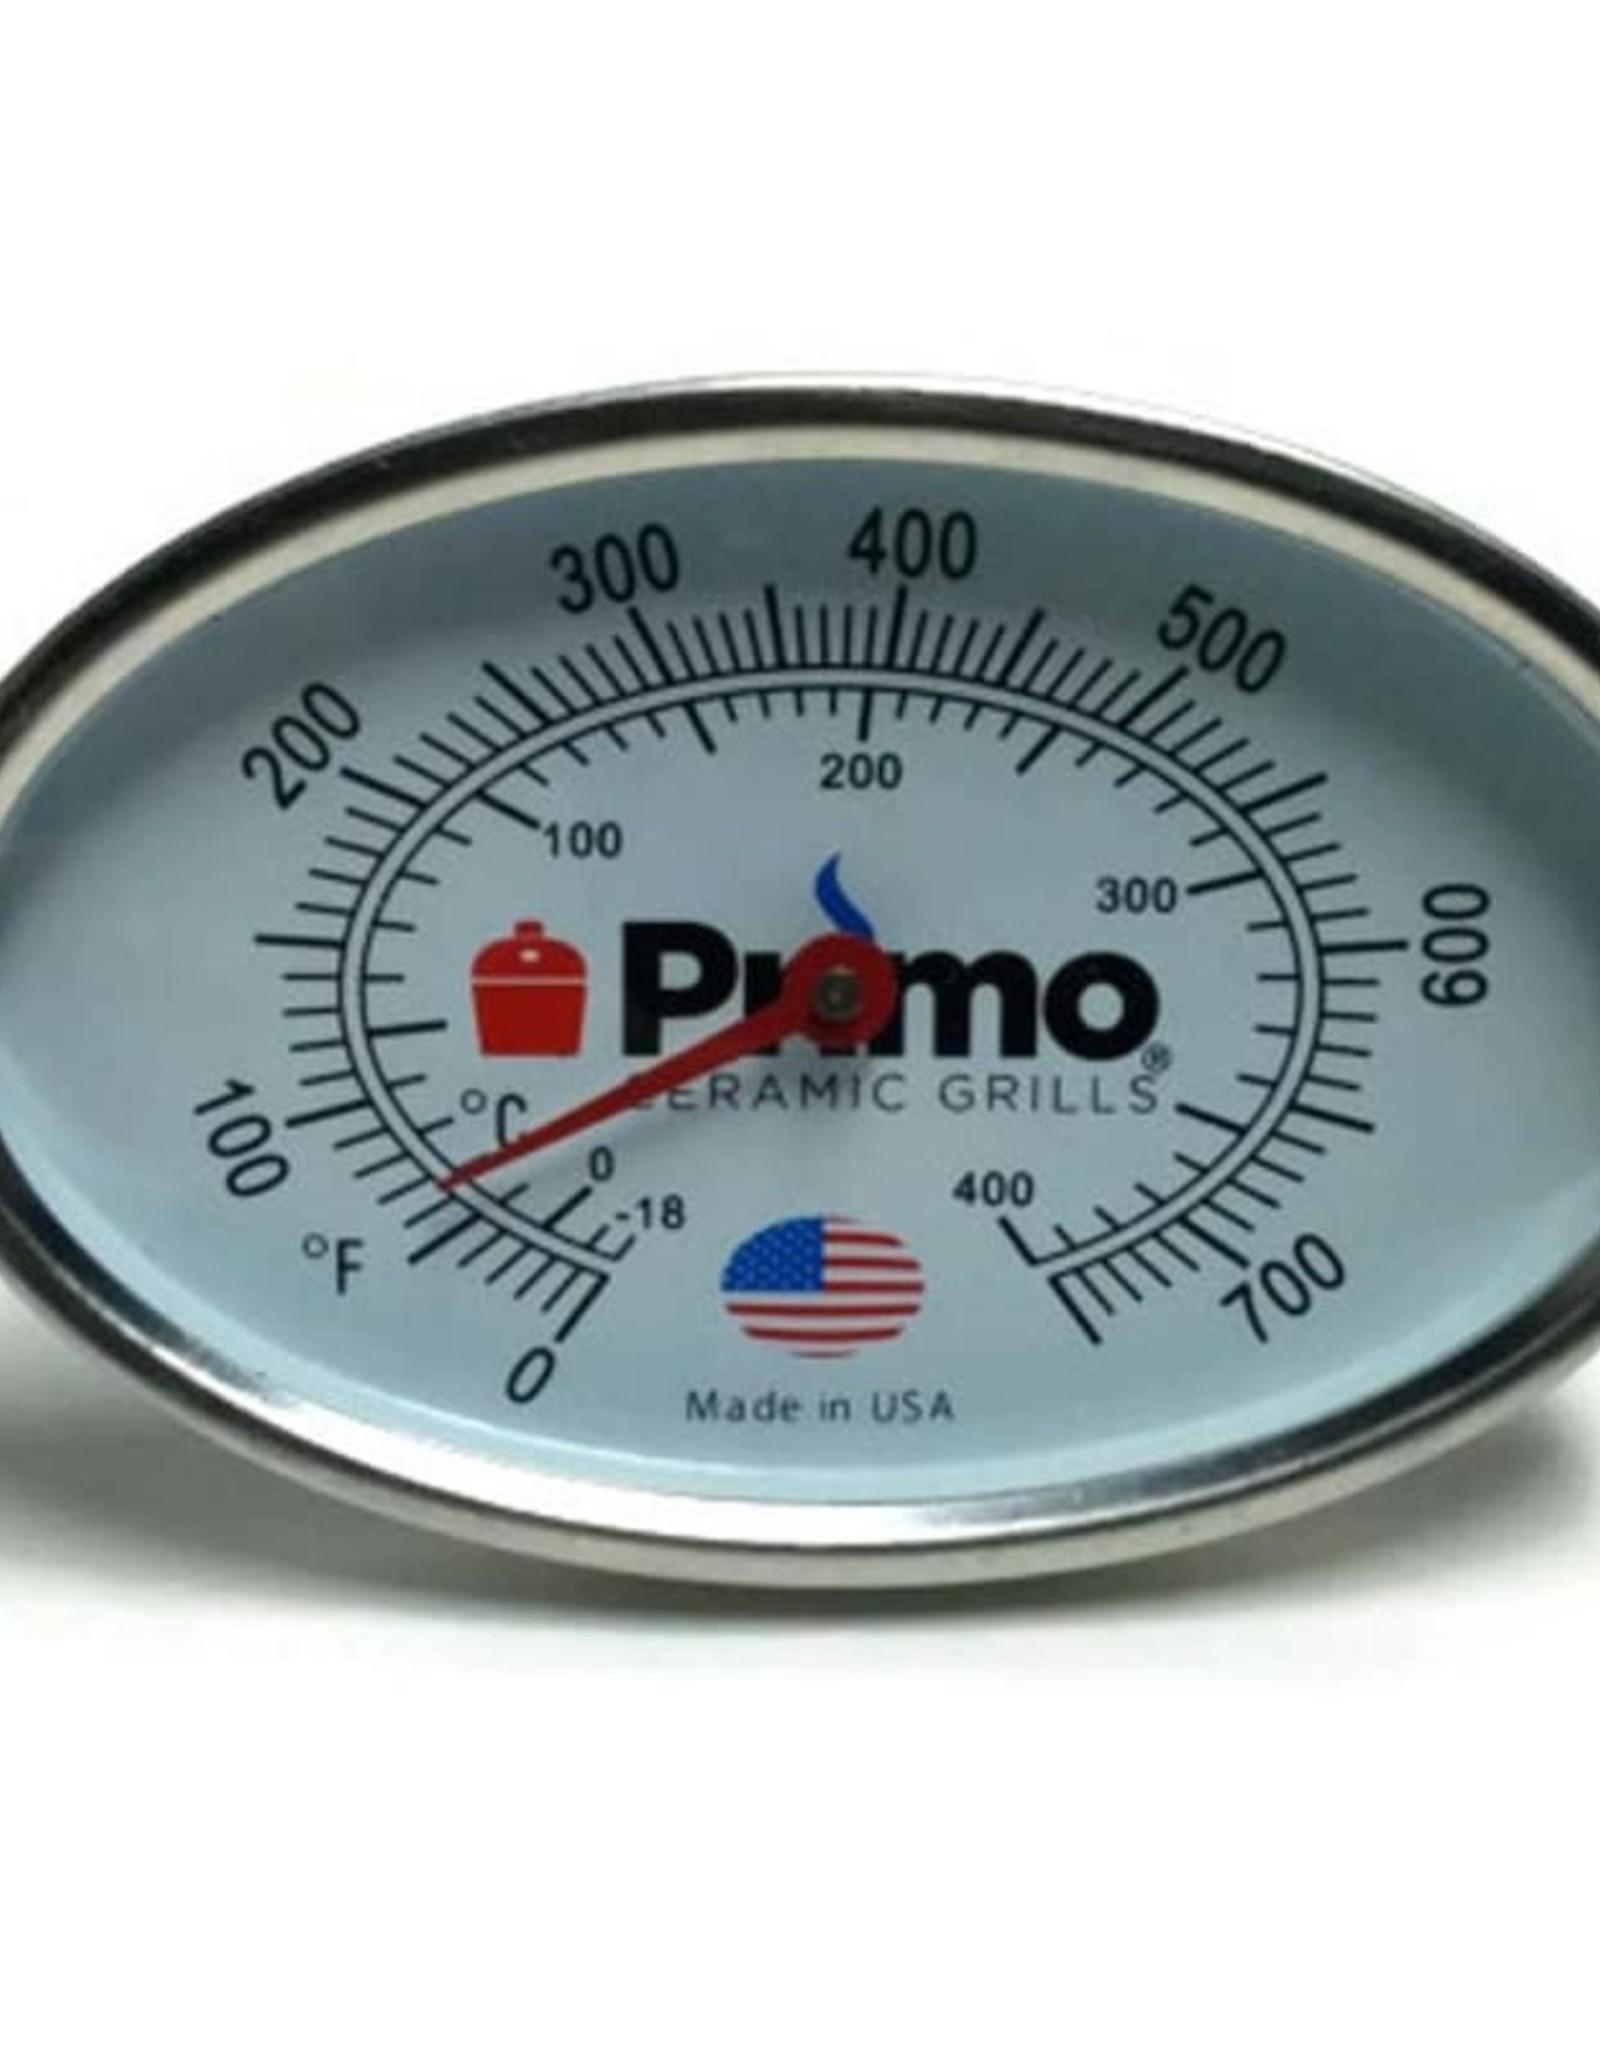 Primo Ceramic Grills Primo Replacement Temperature Gauge